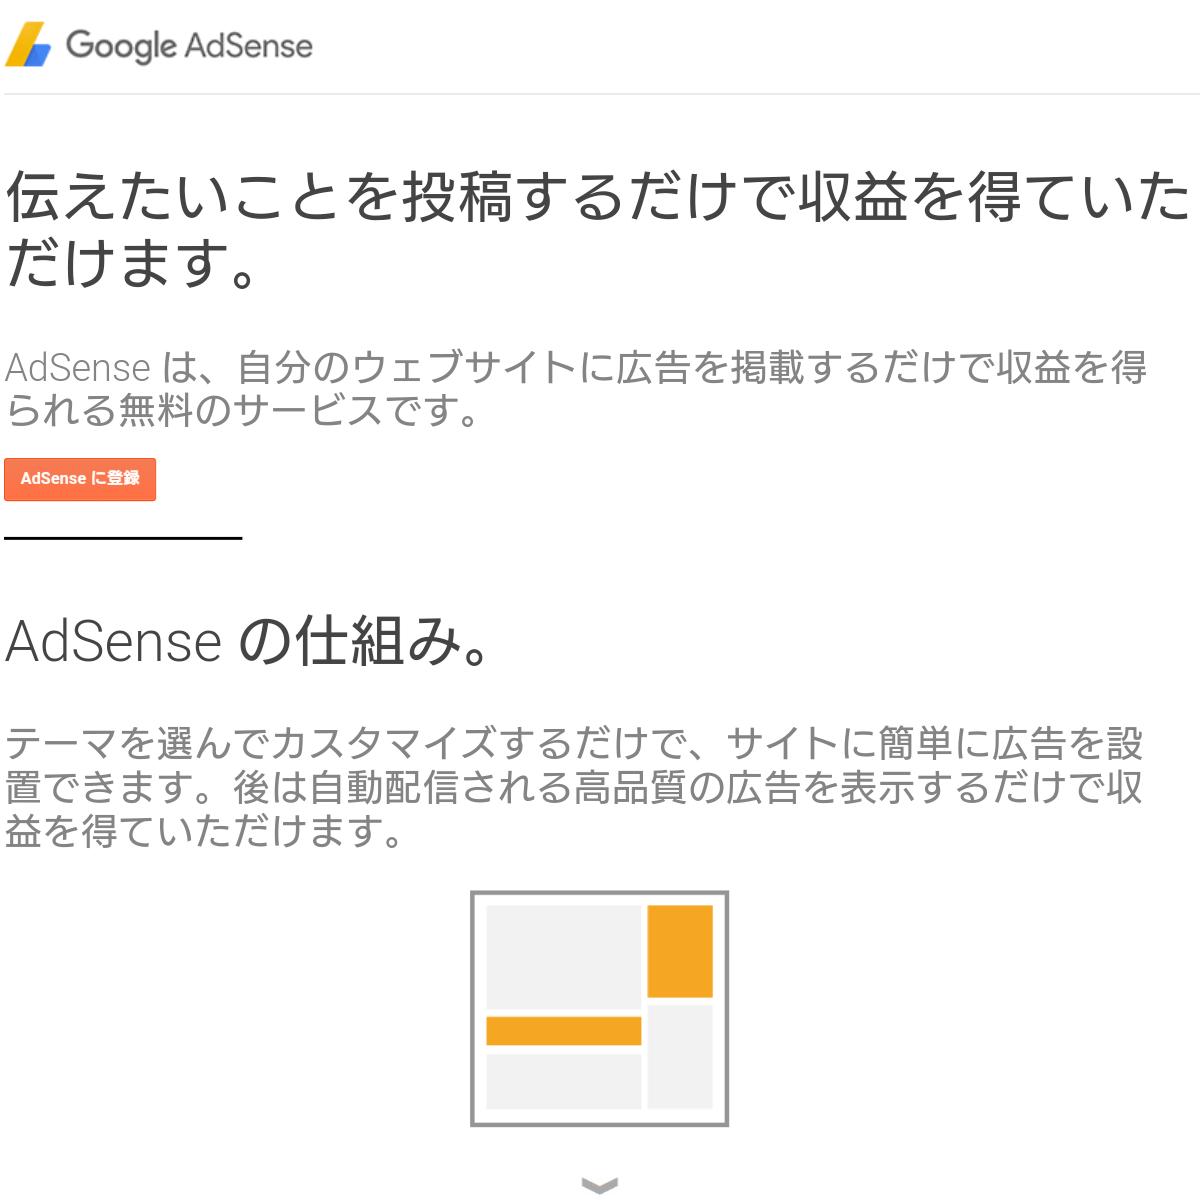 Bloggerの収益:アドセンスの説明と「AdSenseに登録」のボタンがある初期状態